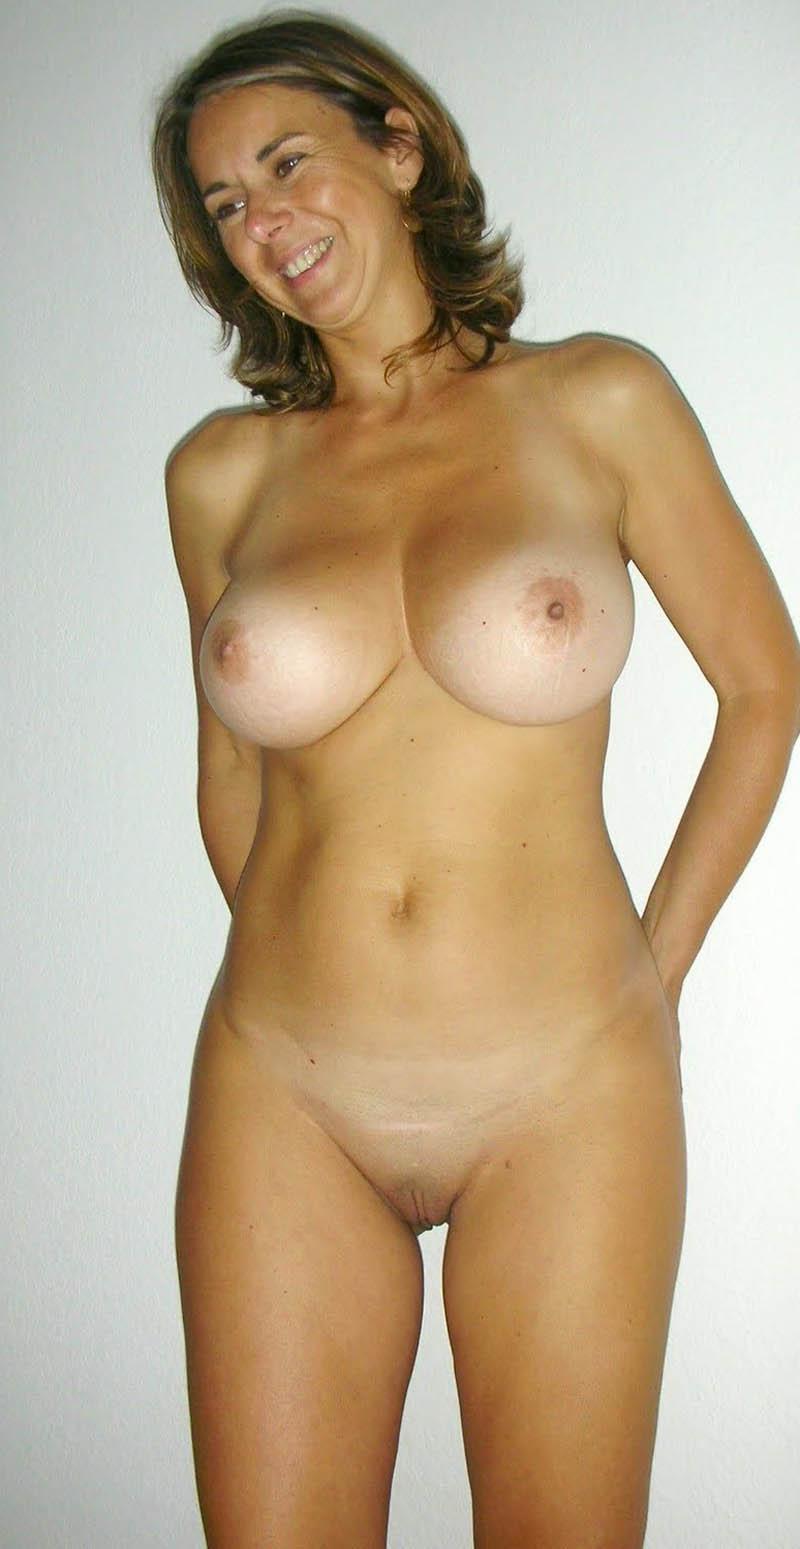 sexy hot nude girls dancing